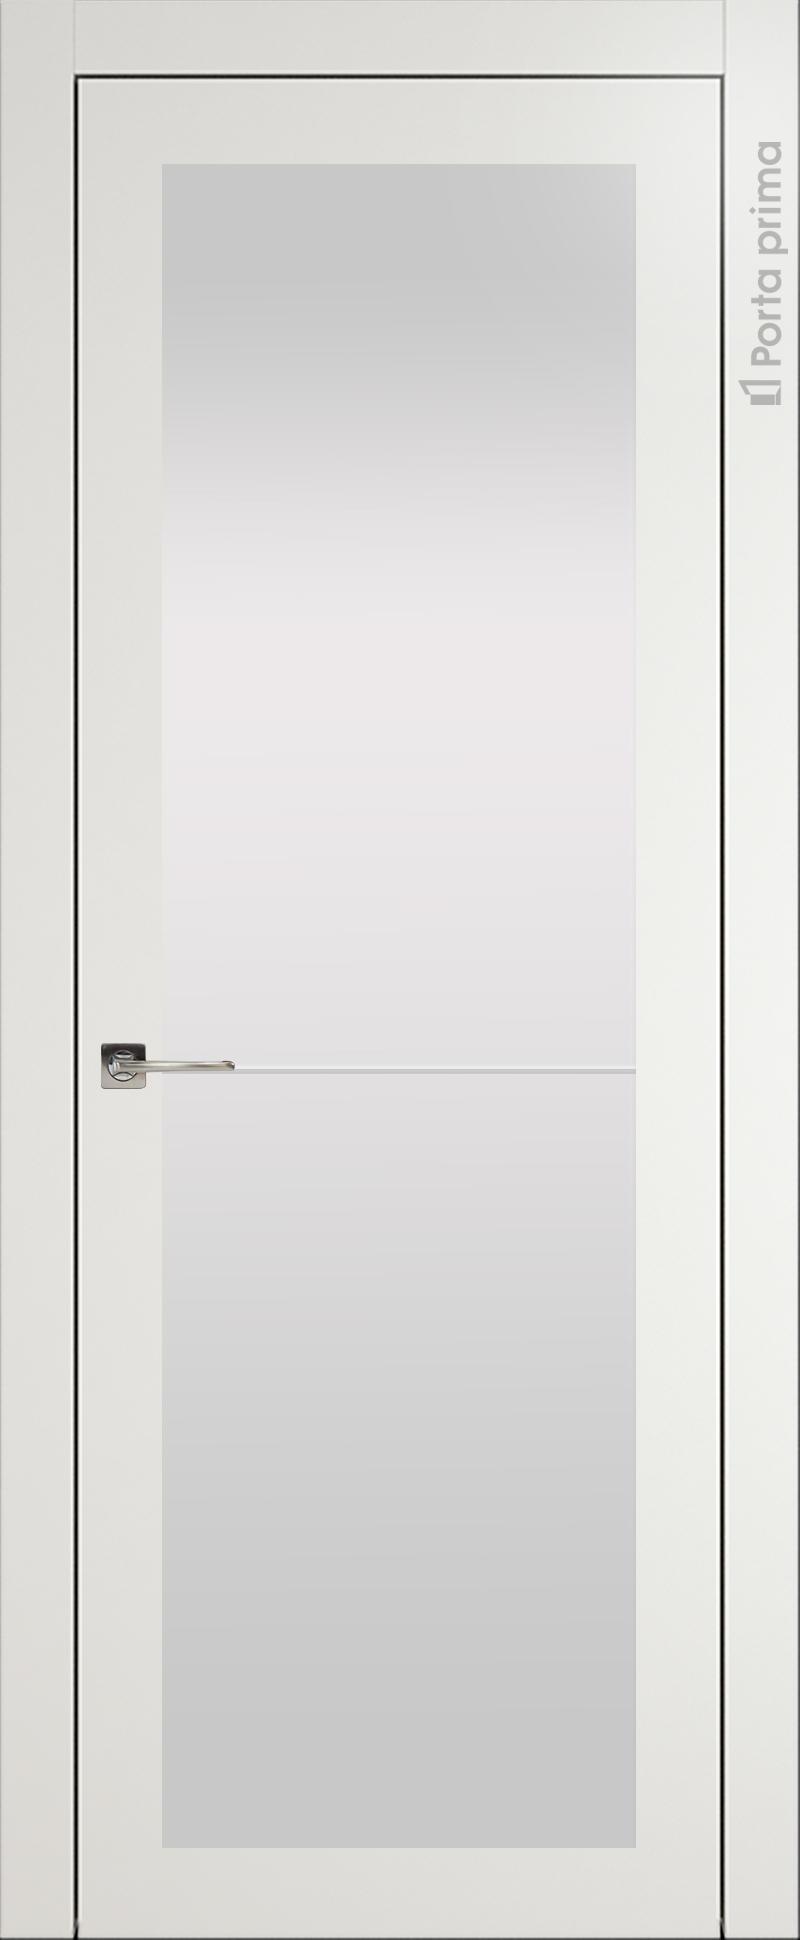 Tivoli З-2 цвет - Бежевая эмаль (RAL 9010) Со стеклом (ДО)